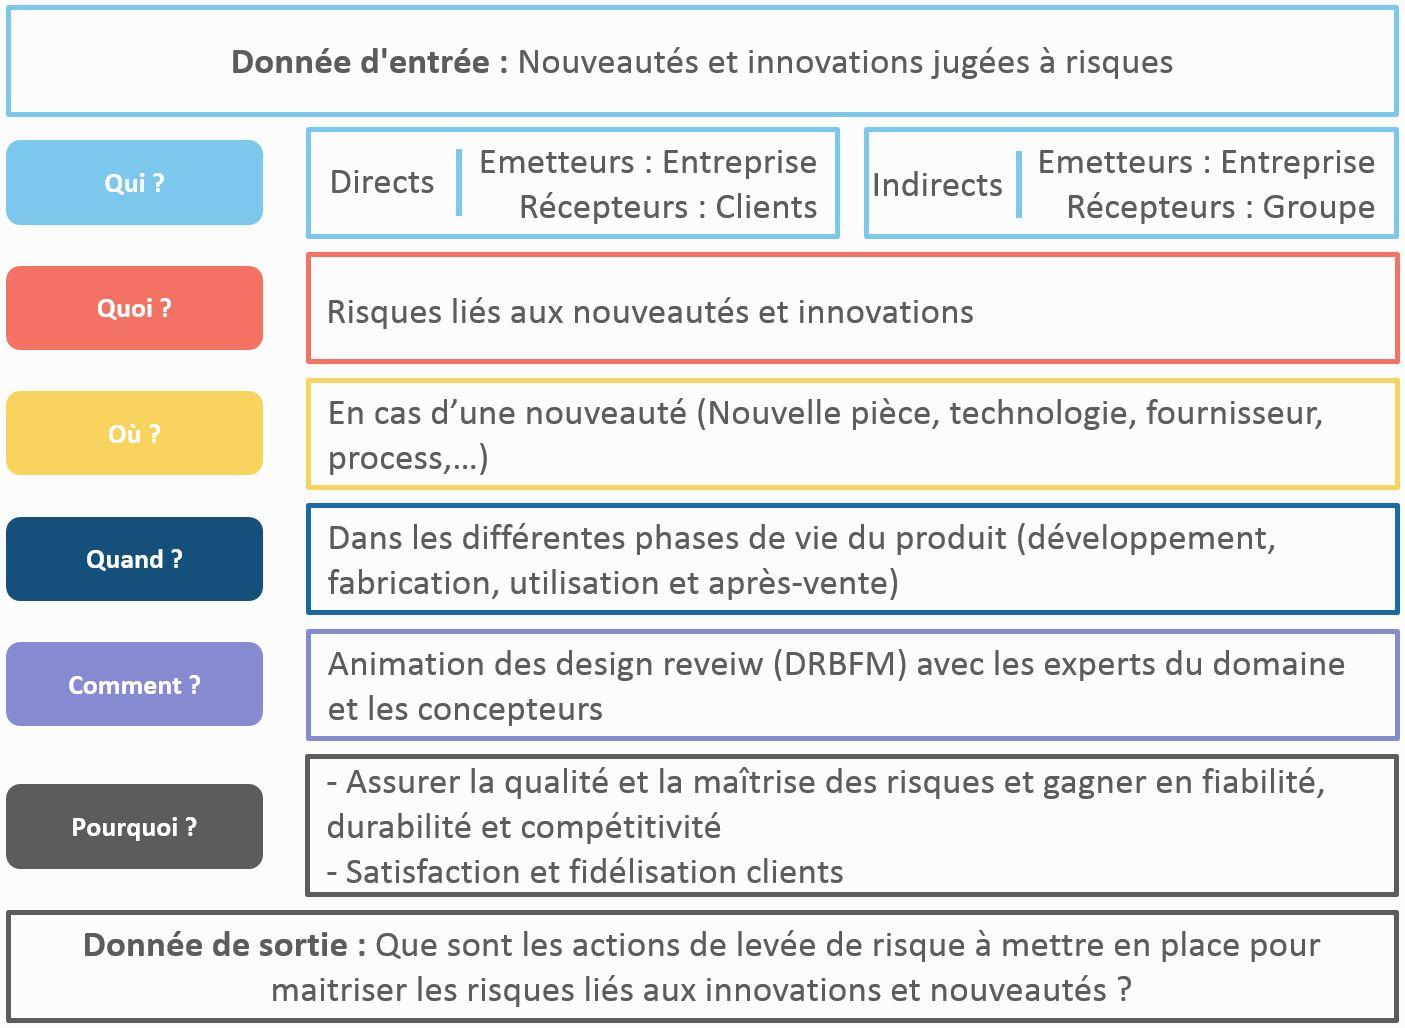 Qualité et Maîtrise des Risques dans l'Innovation